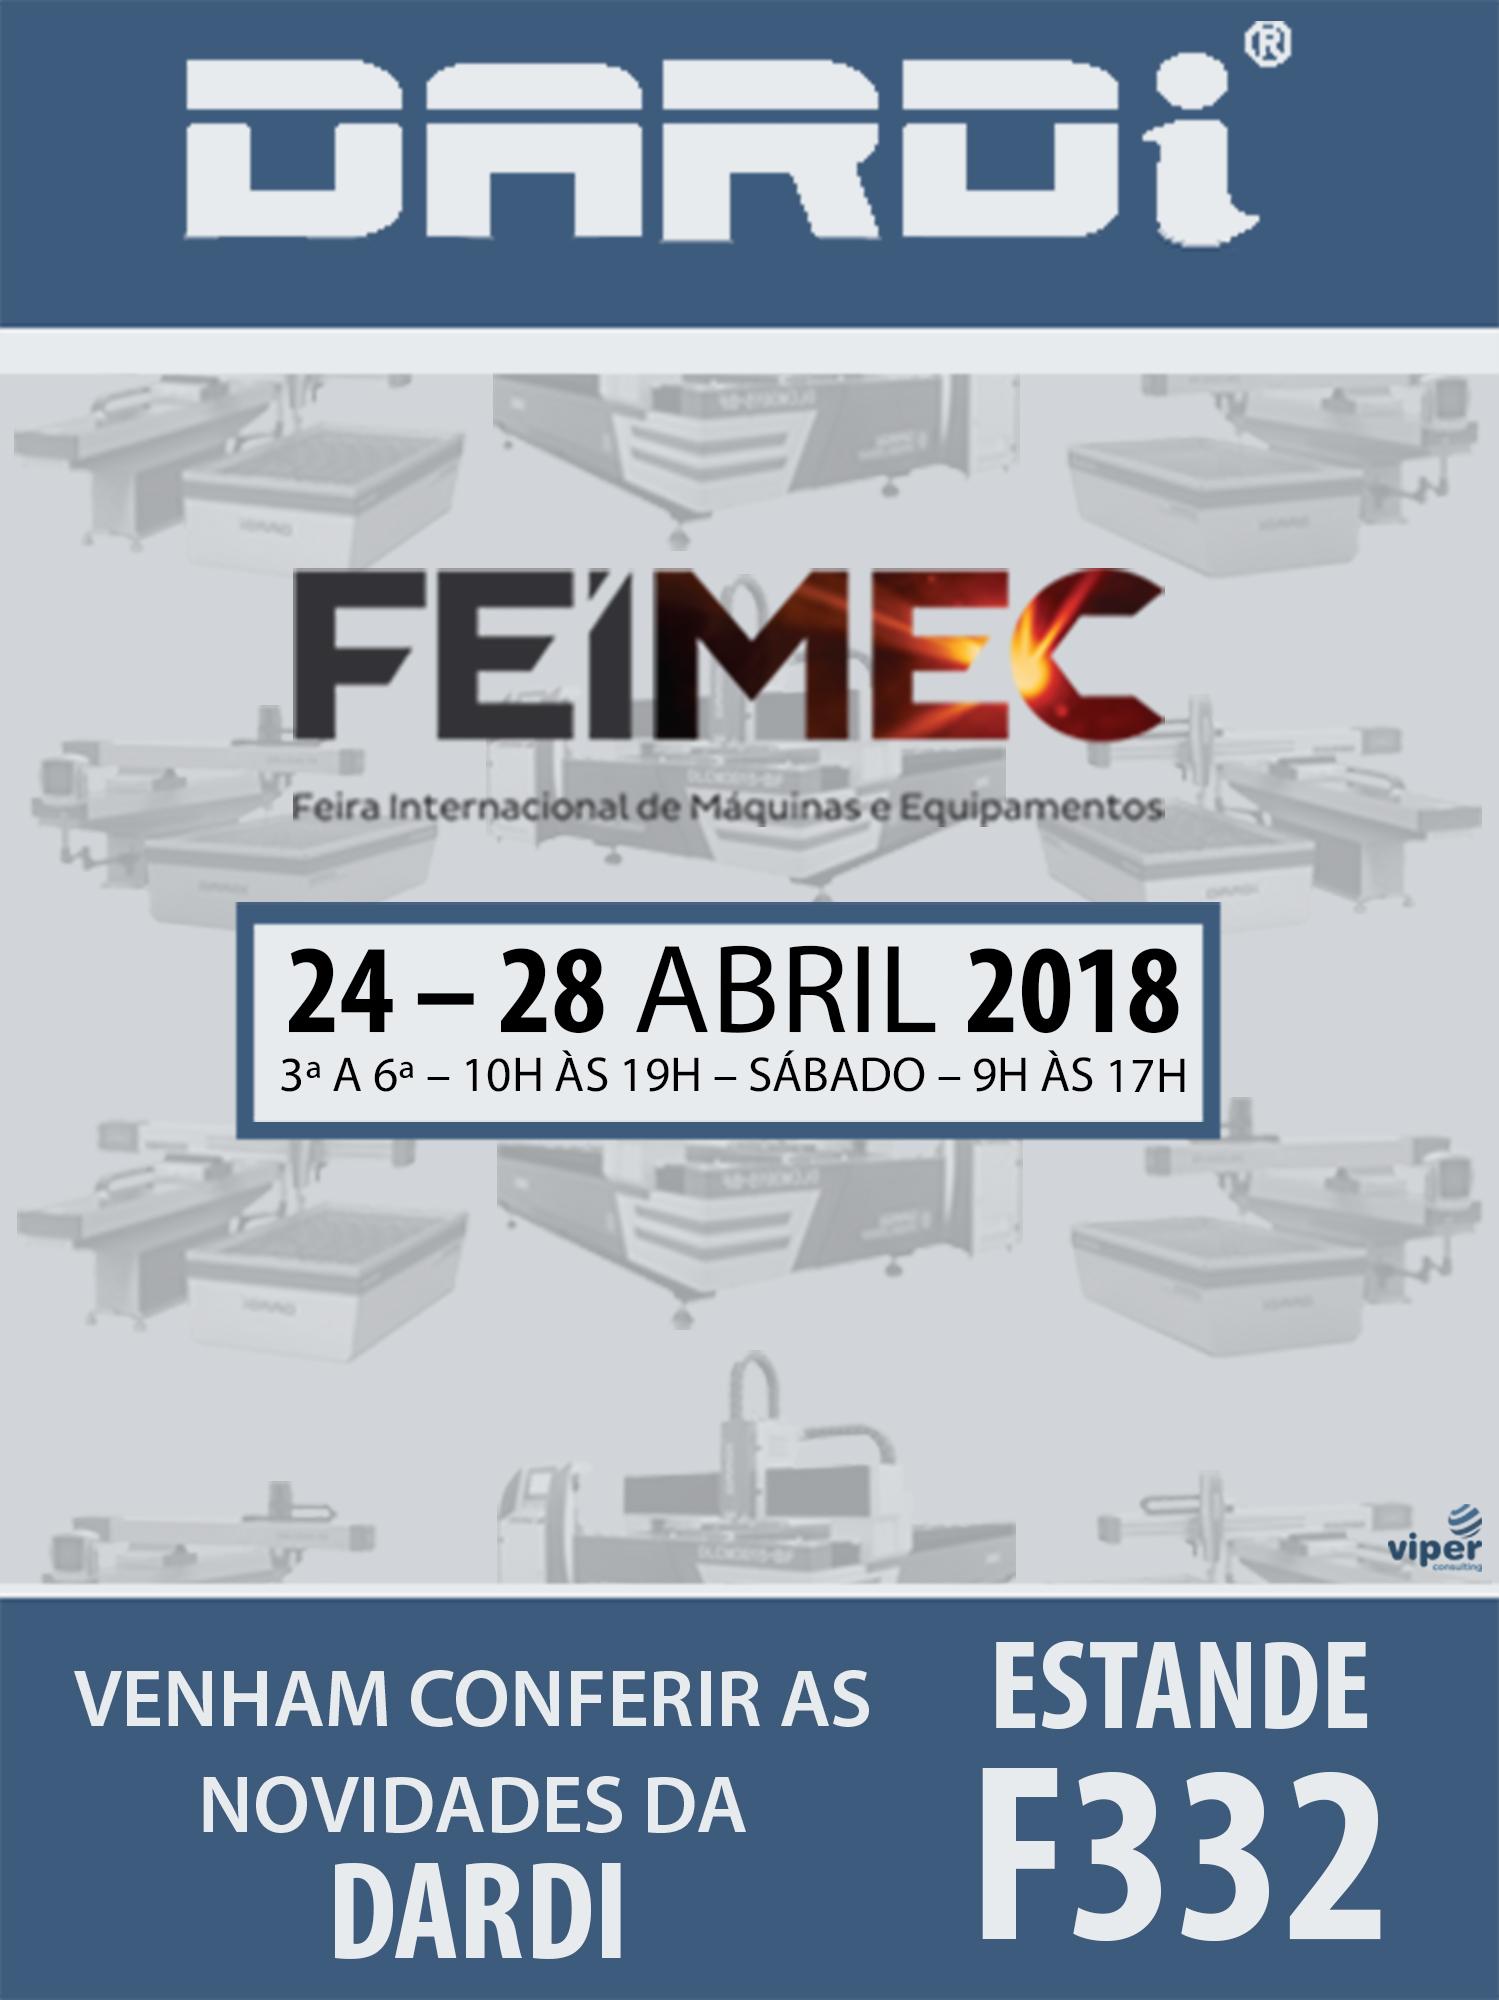 Convite Feimec DARDI